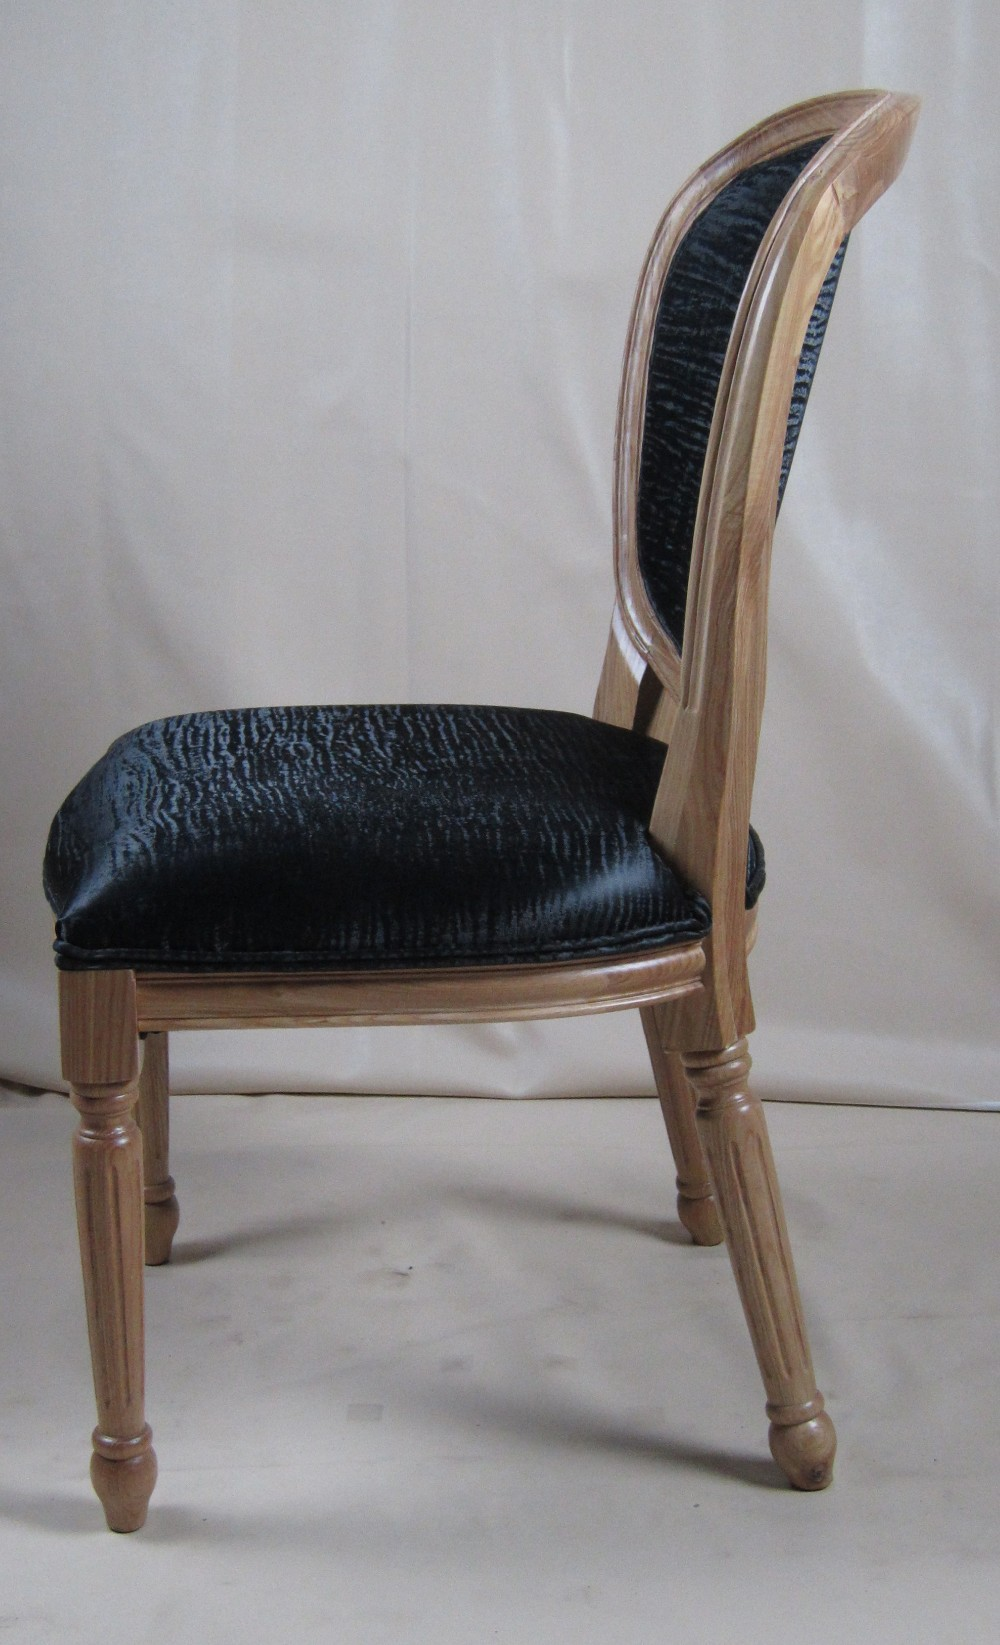 современная мебель для дома деревянный стул, Деревянный обеденный стул ясень, мебель для дома